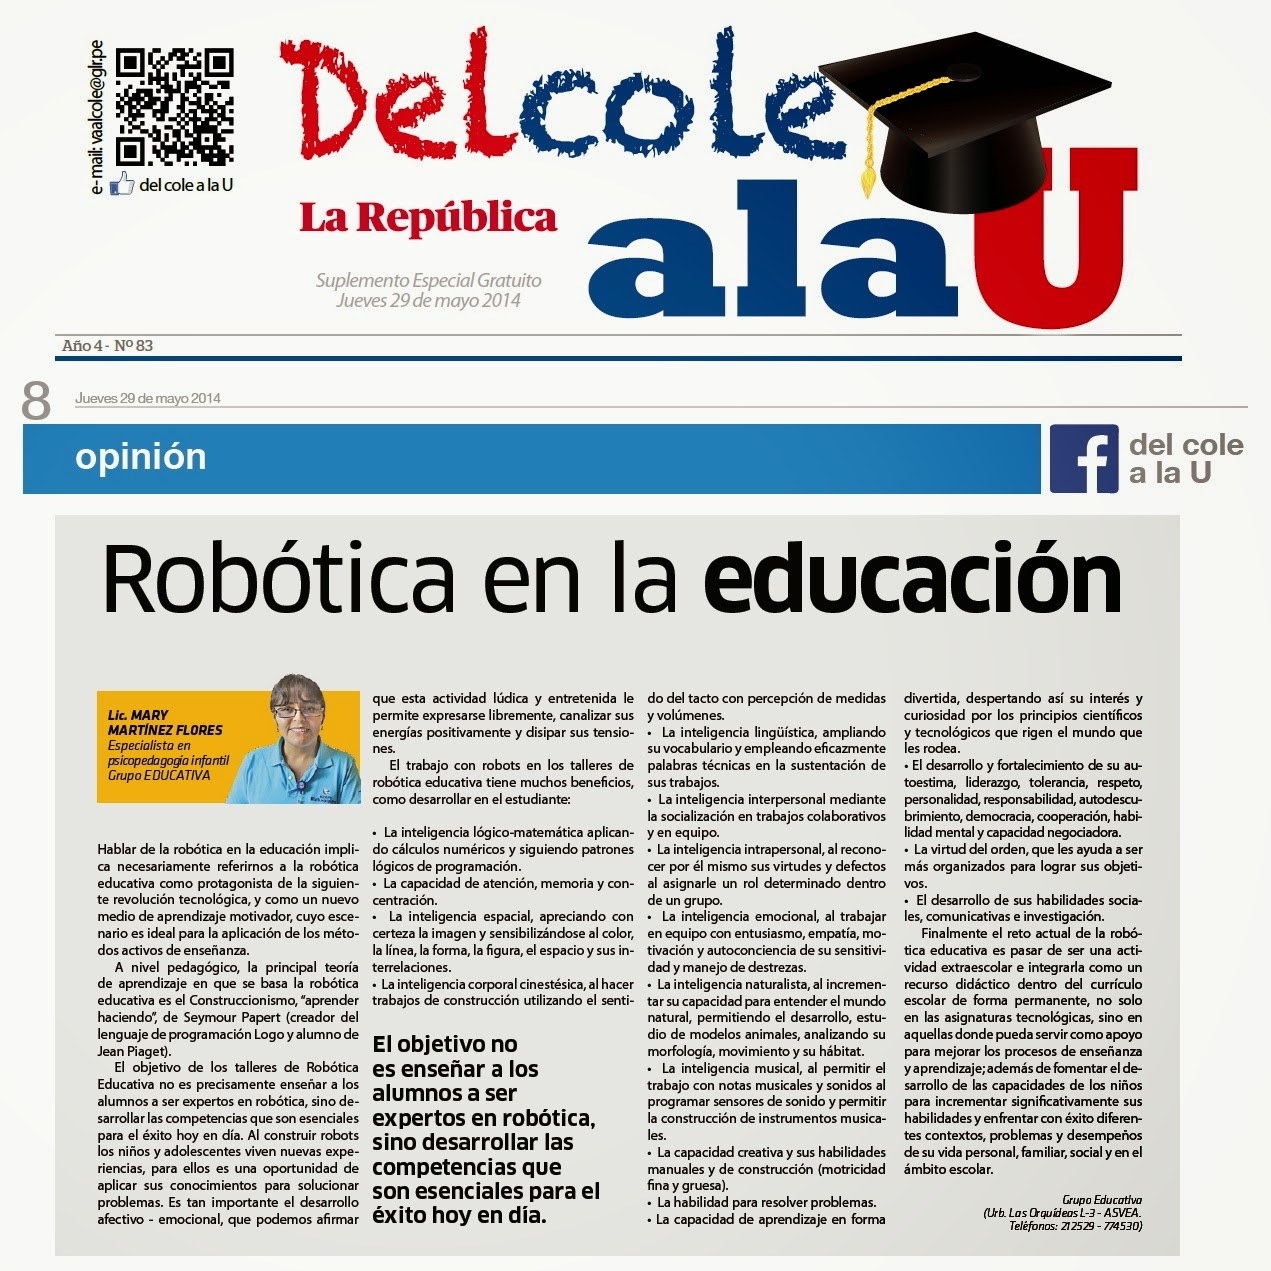 robotica-ninos-jovenes-arequipa